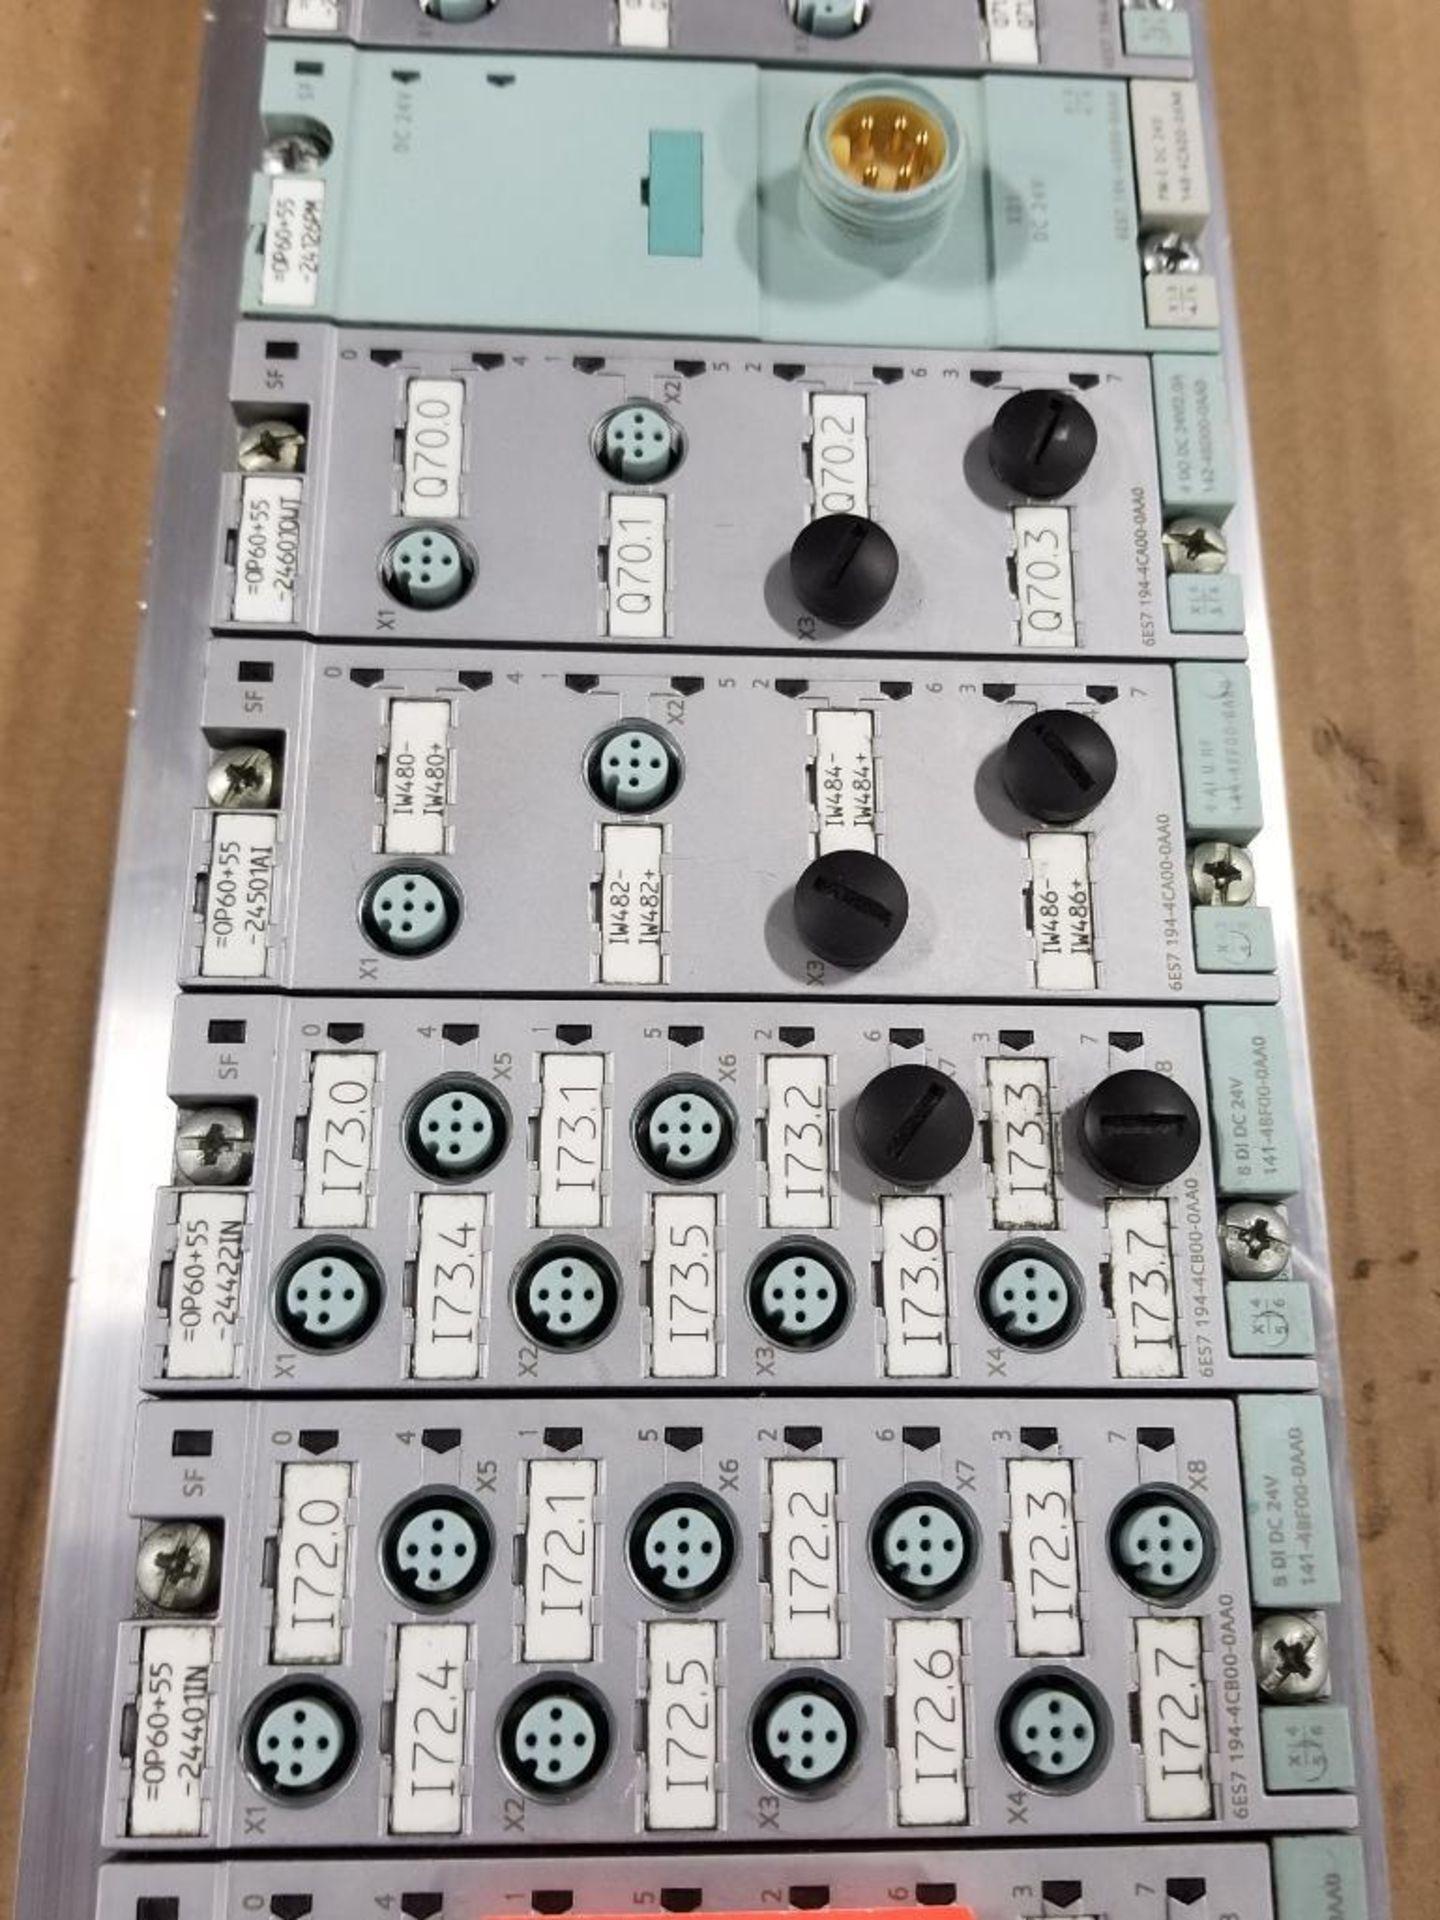 Siemens ET200-pro flow control line. 6ES7-154-1AA01-0AB0. - Image 2 of 4